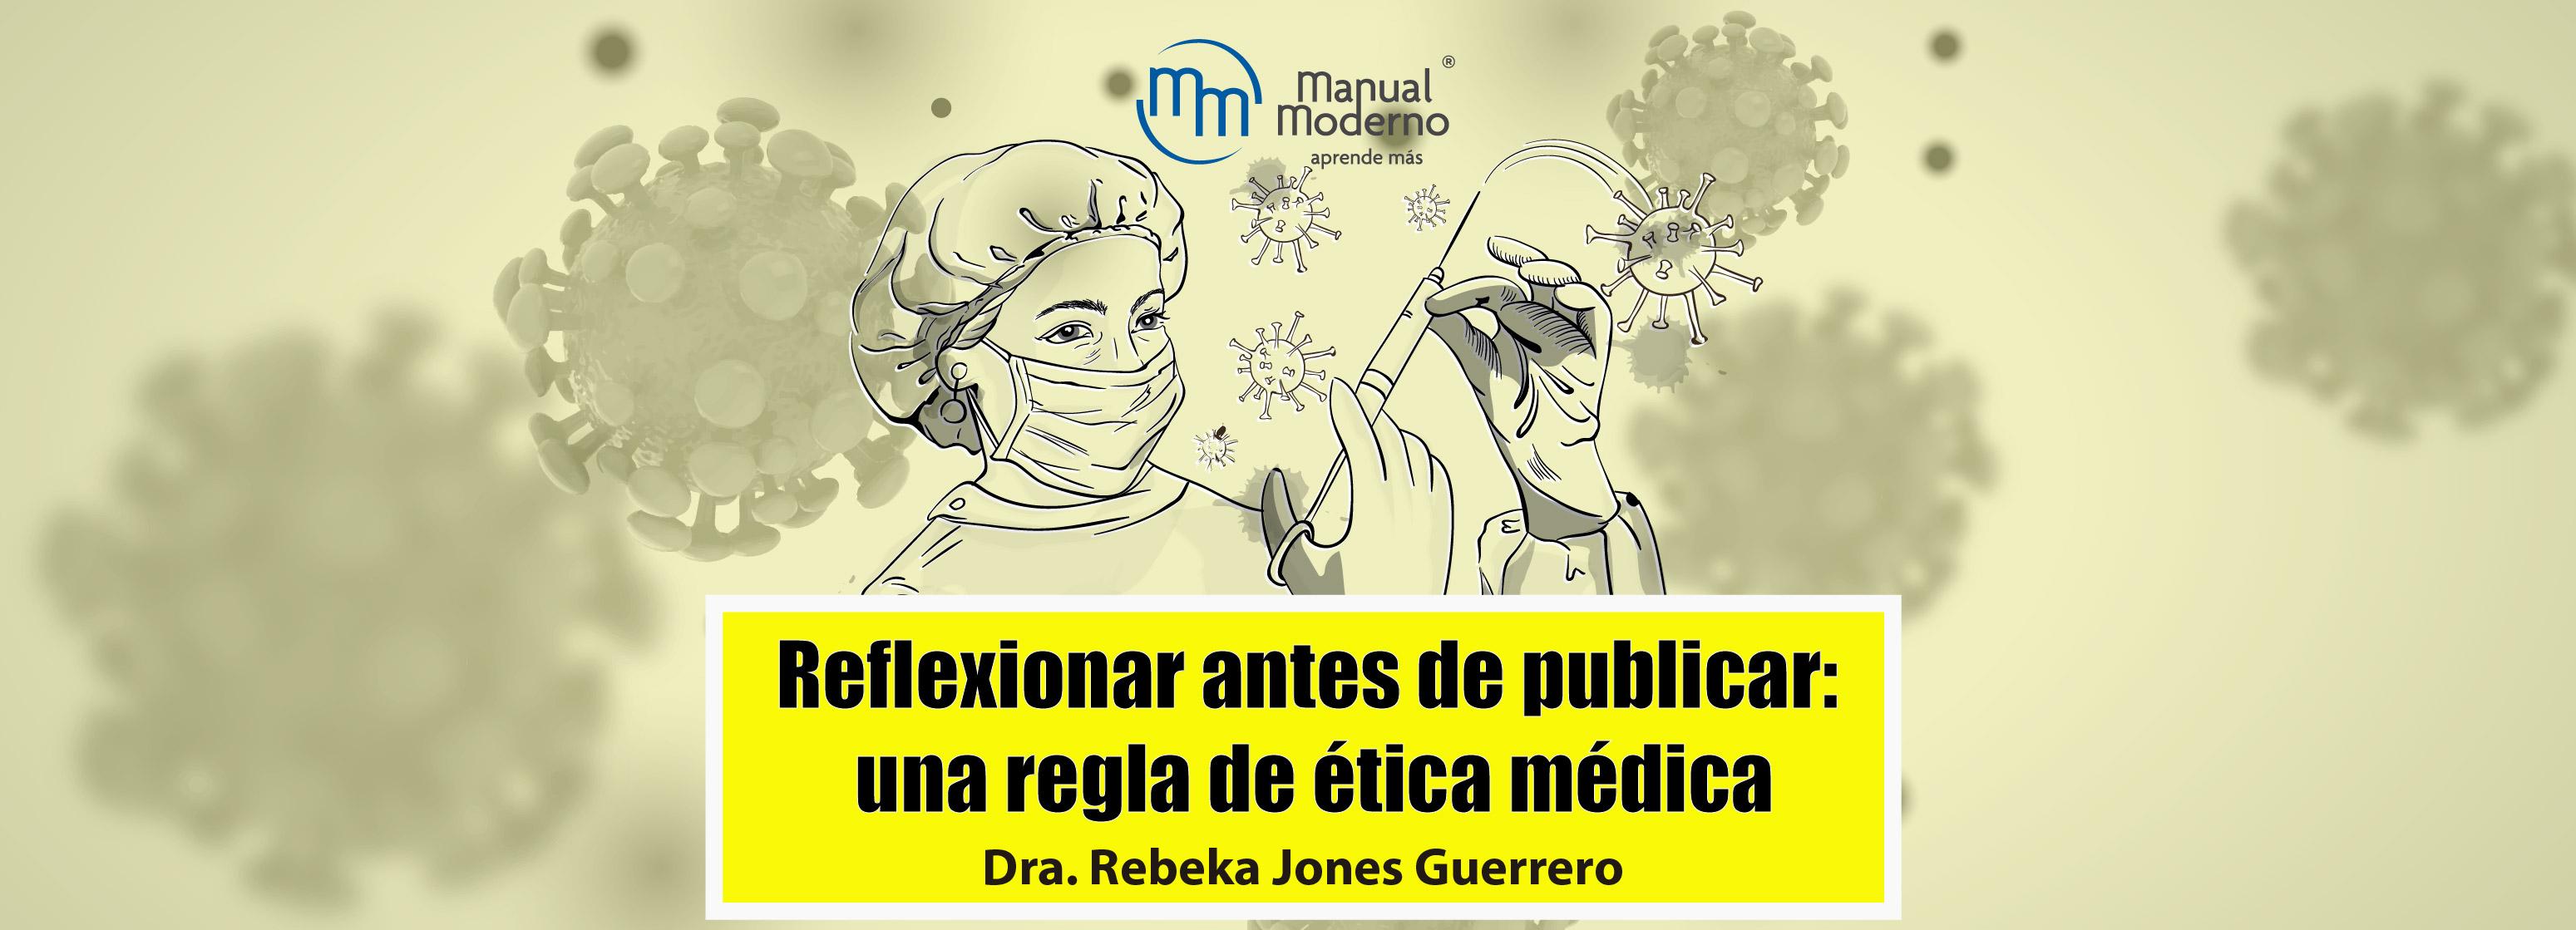 Reflexionar antes de publicar: una regla de ética médica